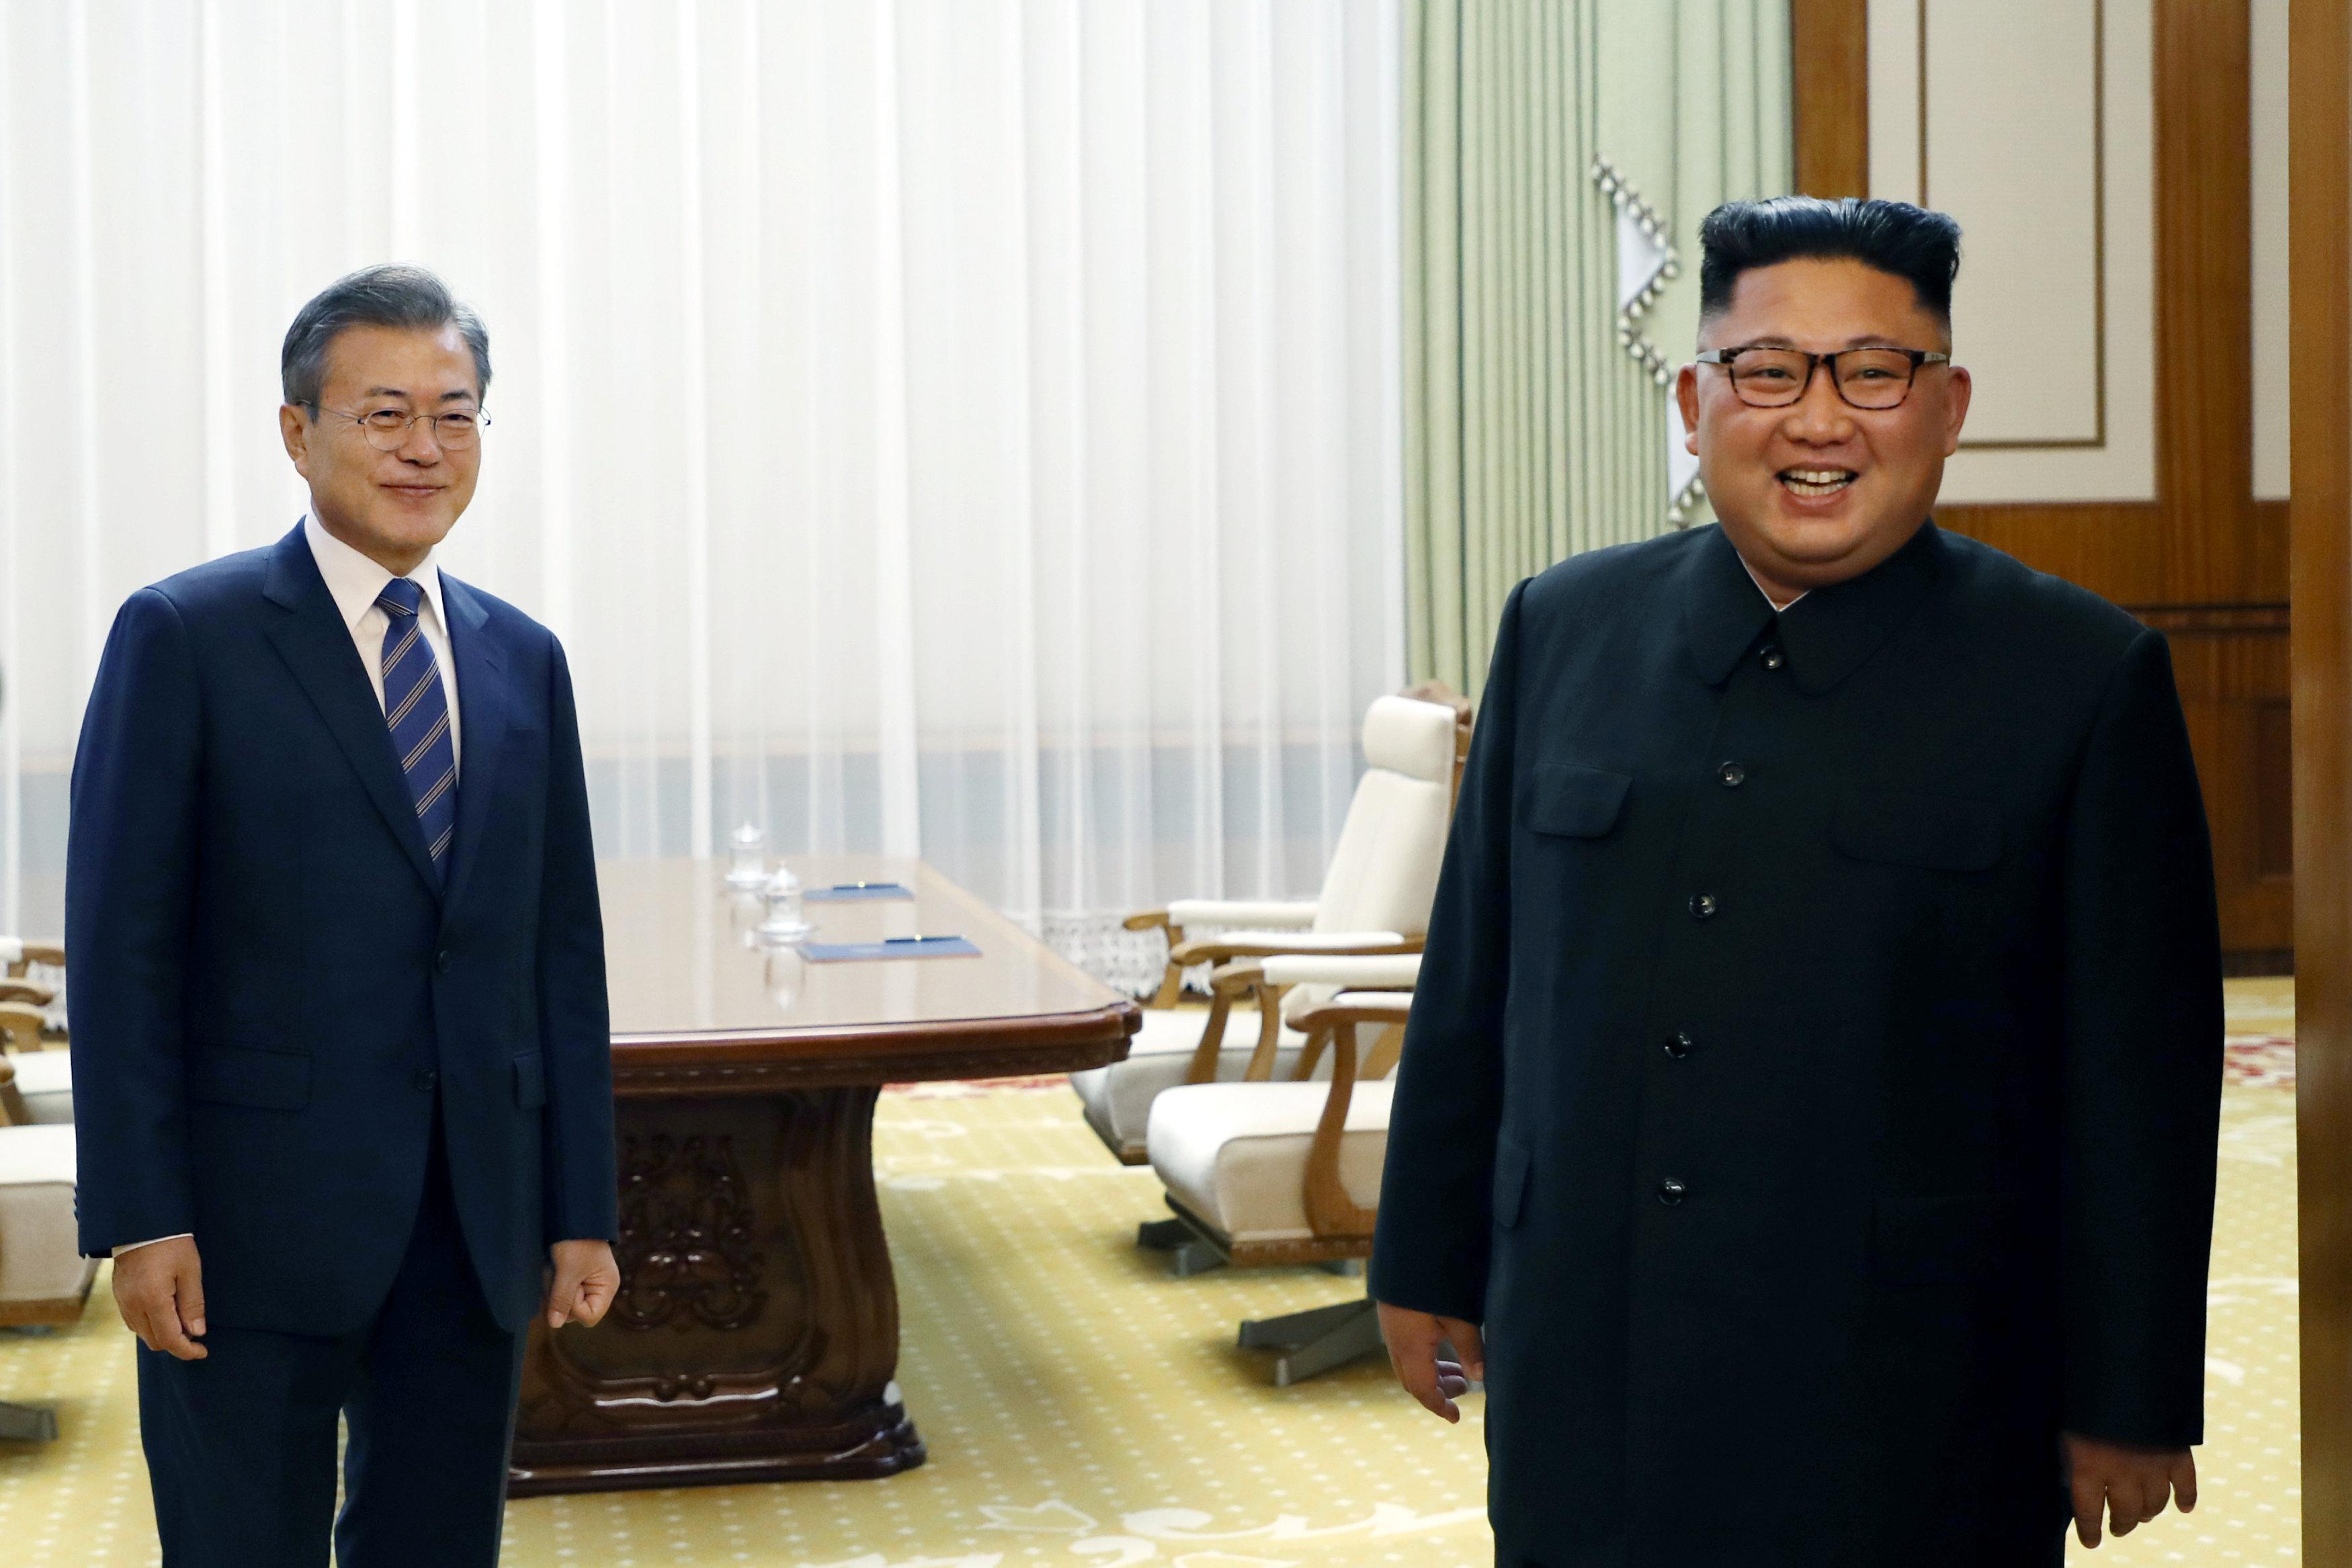 صورة تذكارية لزعيما الكوريتين فى أعقاب مفاوضتهما